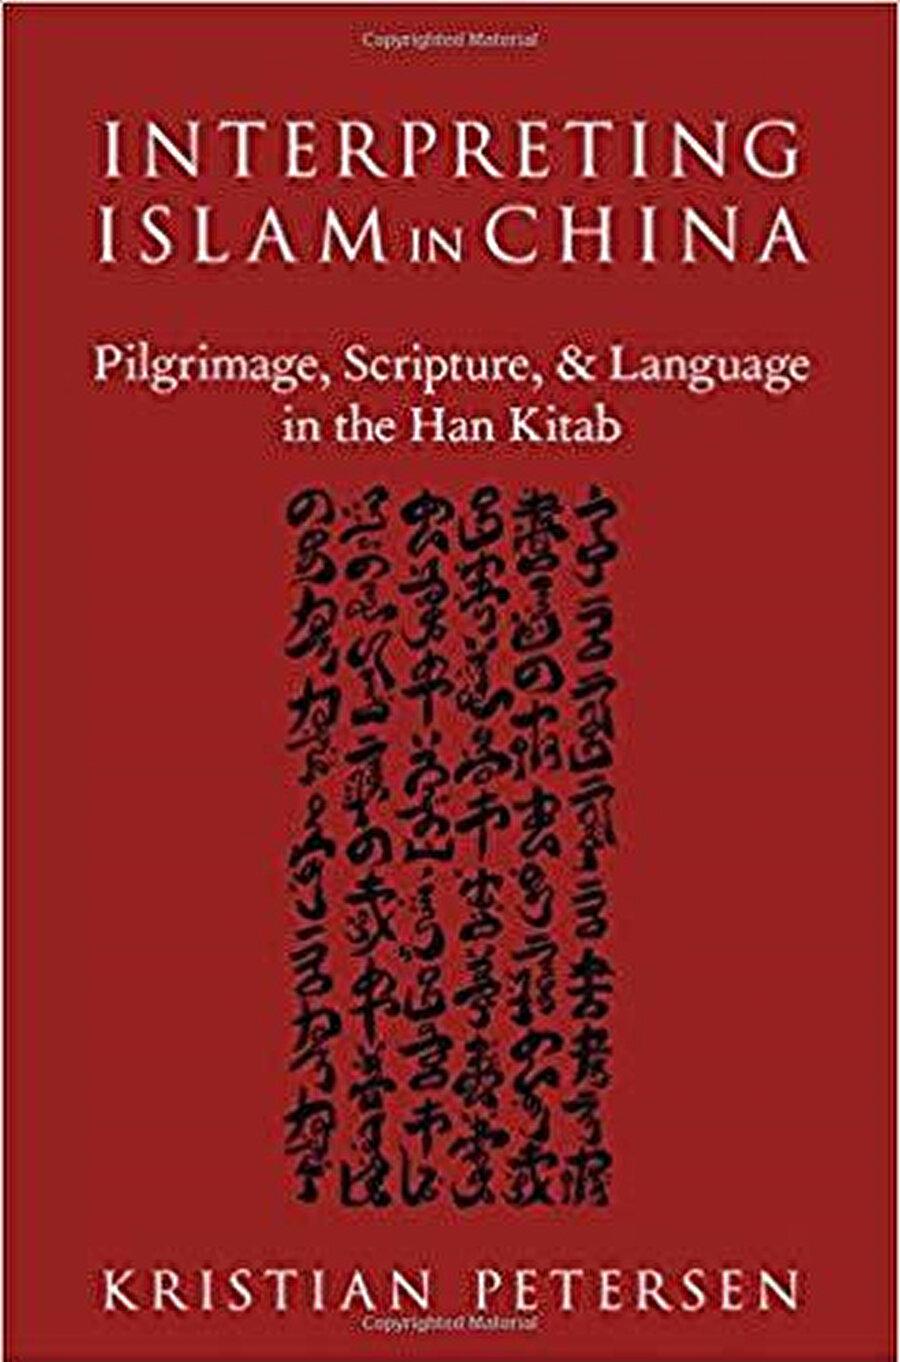 Kısa bir önsöz ve girişle beş bölüm hâlinde düzenlenmiş olan kitap, üç tema etrafında şekilleniyor: hac, kutsal kitap ve dil. Arapça ve Farsçadan Çinceye çeviride yaşanan problemler ve Çince metinlerin genellikle Konfüçyüsçü olması sebebiyle yaşanan felsefi sorunlar dil ve kutsal kitap kısımlarında inceleniyor.